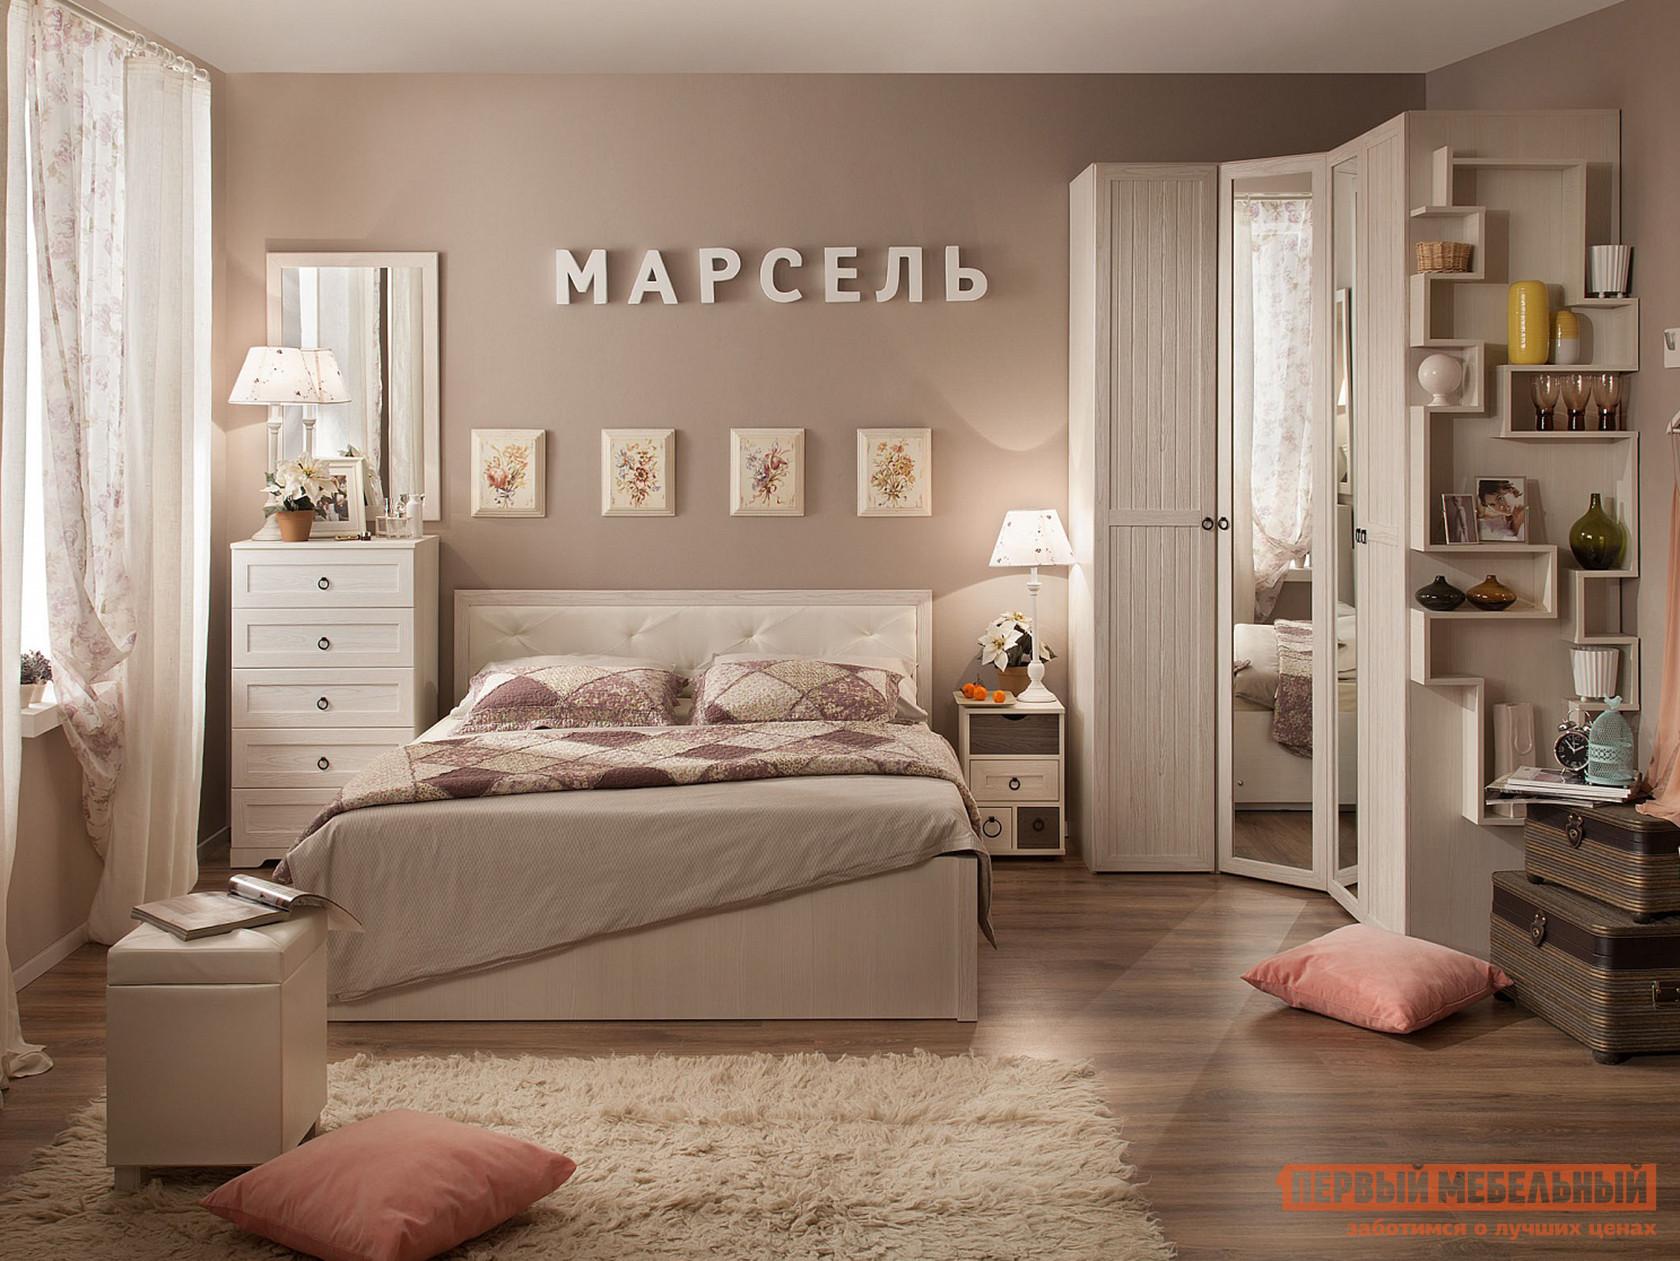 Спальный гарнитур ТД Арника Марсель Компоновка 1